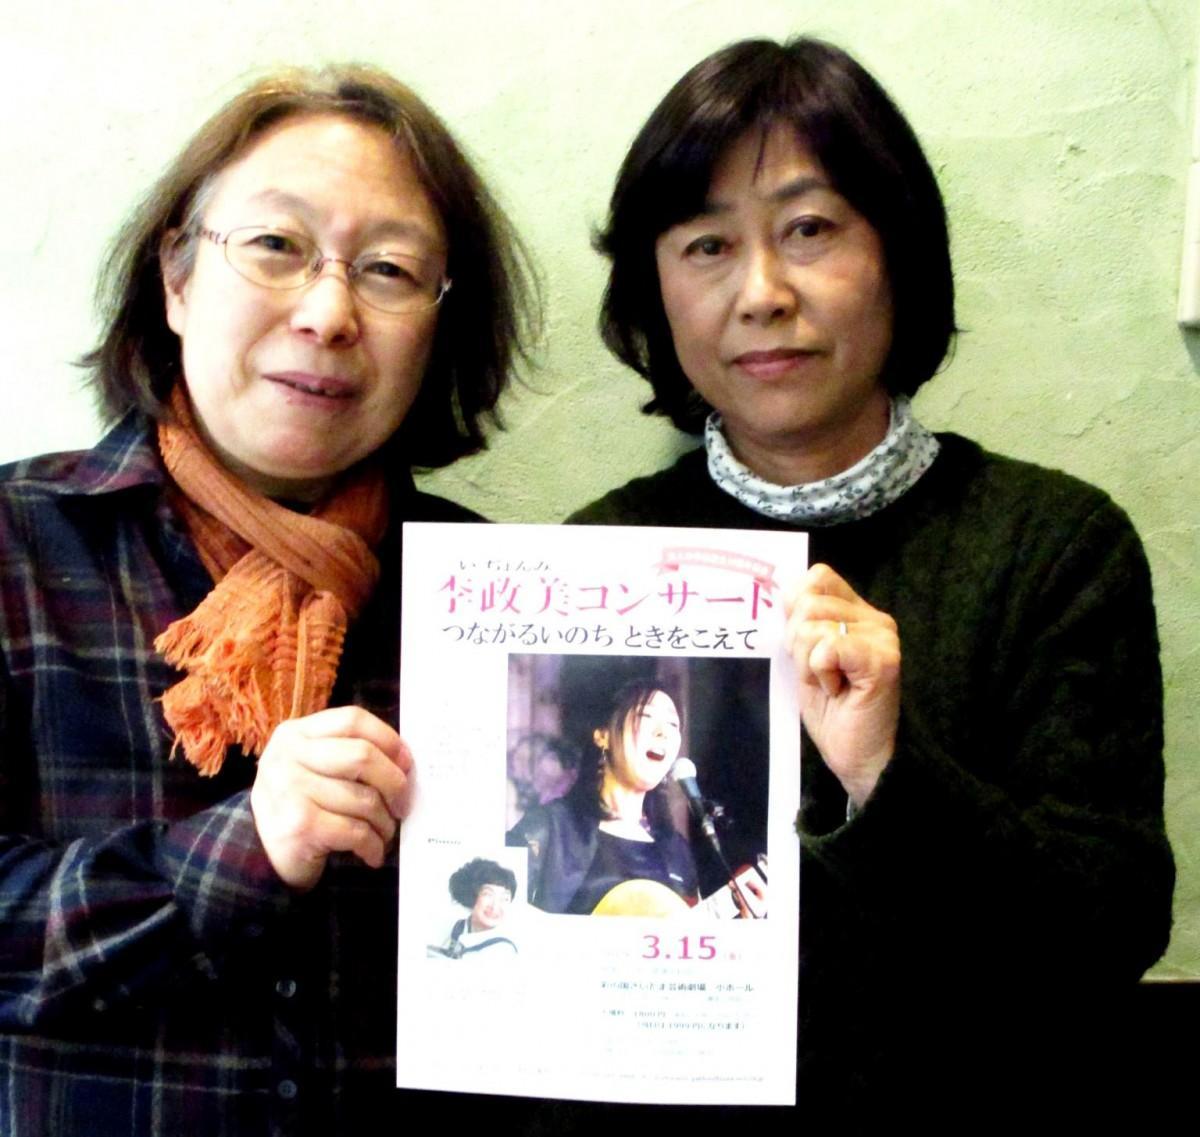 埼玉芸術劇場で李政美さんのコンサート